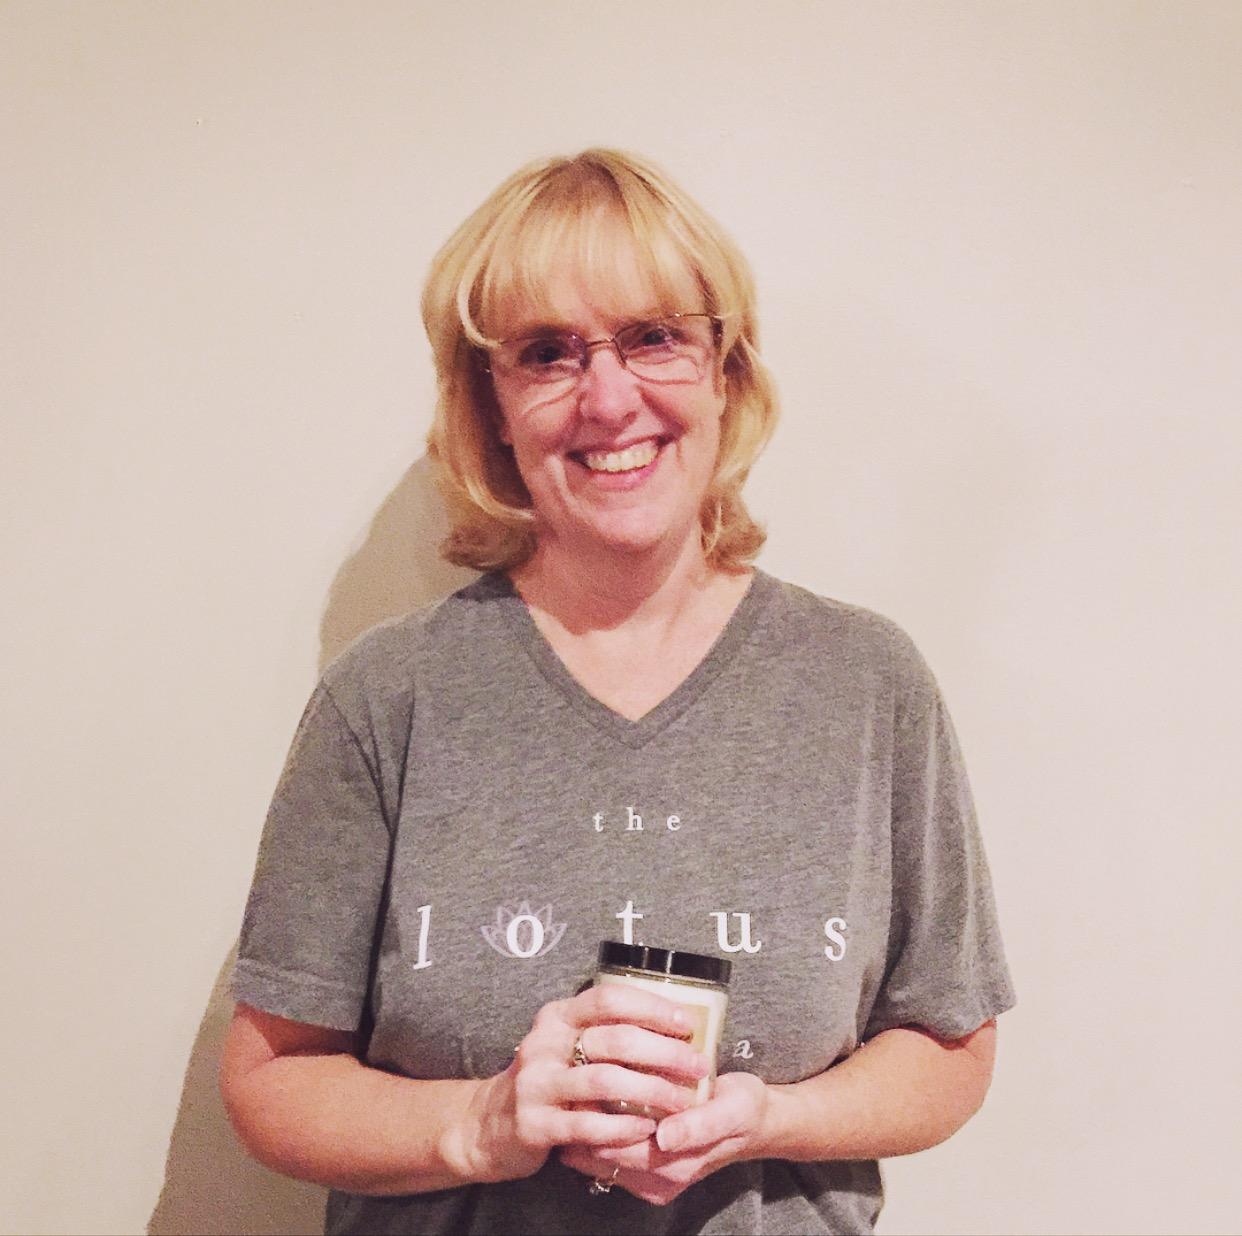 Meet Denise Crumley!